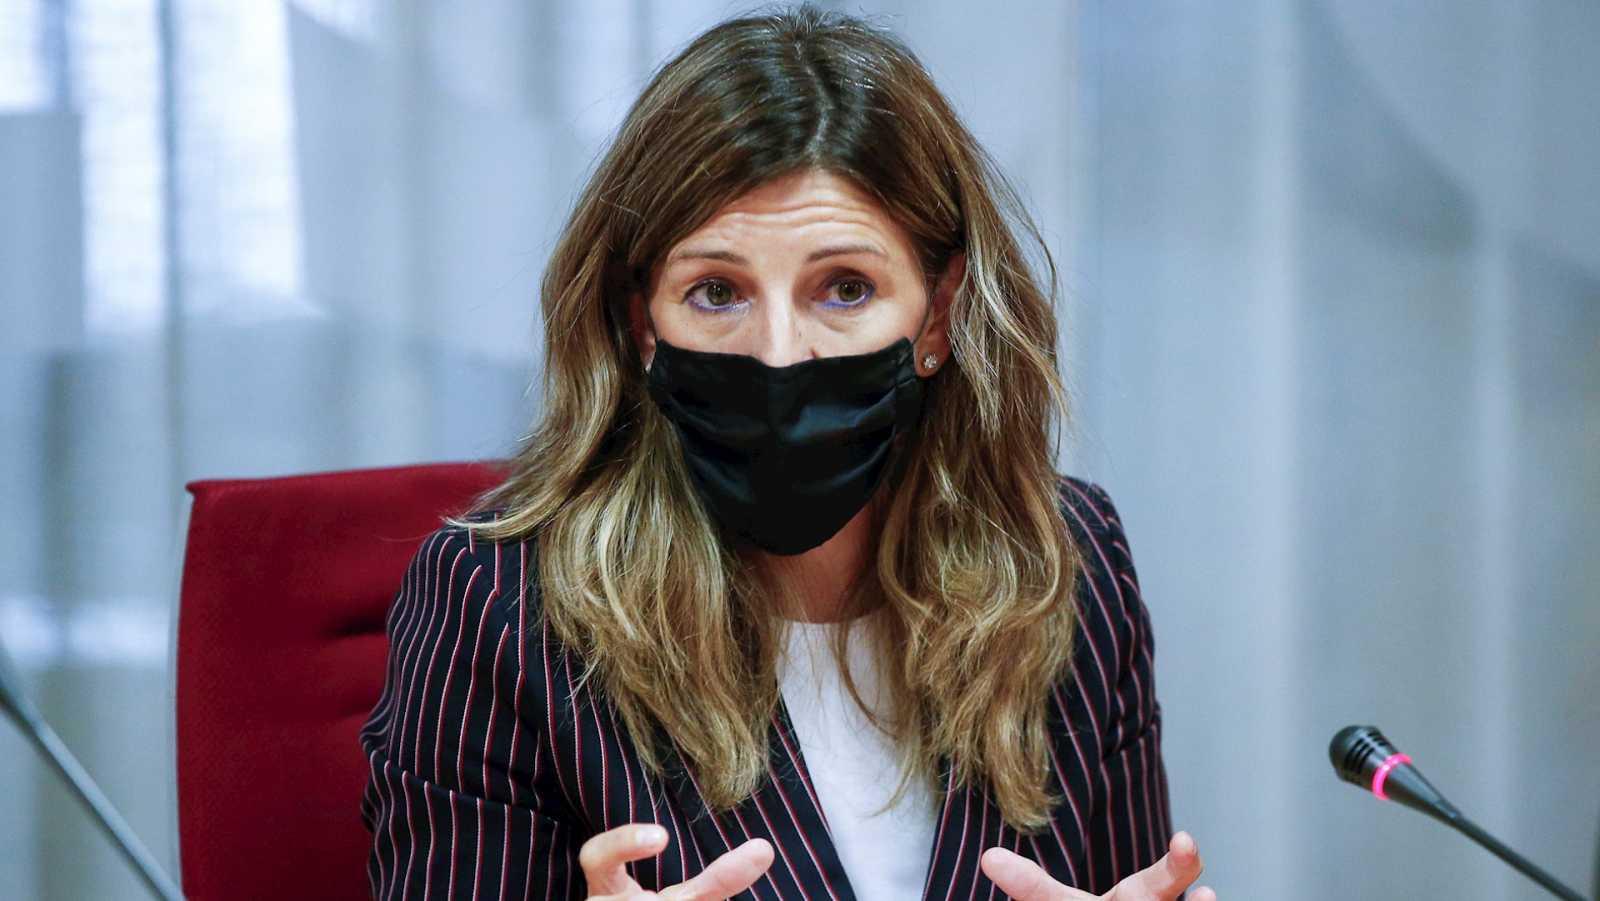 14 horas Fin de Semana - Díaz confía que el acuerdo para la prolongación de los ERTE llegará pronto - Escuchar ahora